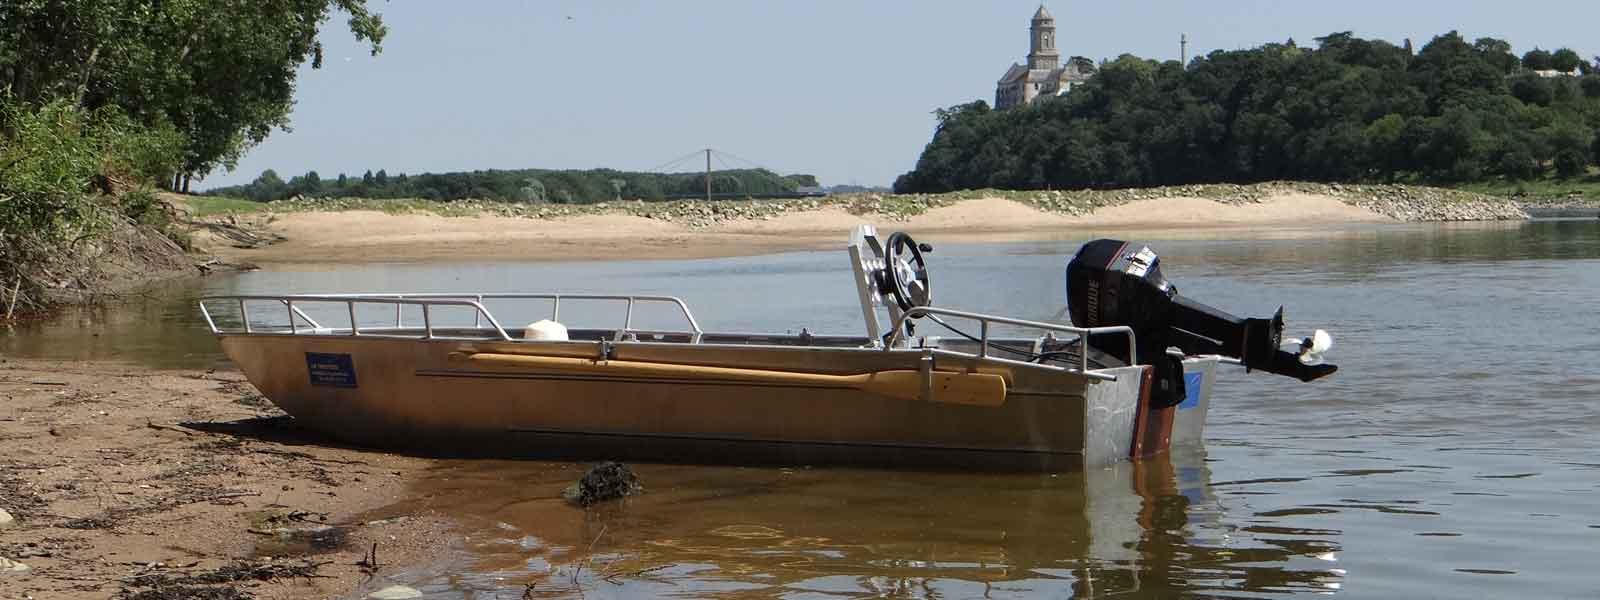 Barque de peche - Barque aluminium - Fabricant de barque et bateau en aluminium. Réalisation artisanale de barque en aluminium soudée. Barque ou annexe en aluminium. Barque alu - Barque a fond plat - Designer et concepteur français de barque - Fabricant 100 % fait main - Barque façonnée à la main - Barque aluminium adaptable à la demande du client - Barque loisir - Barque design